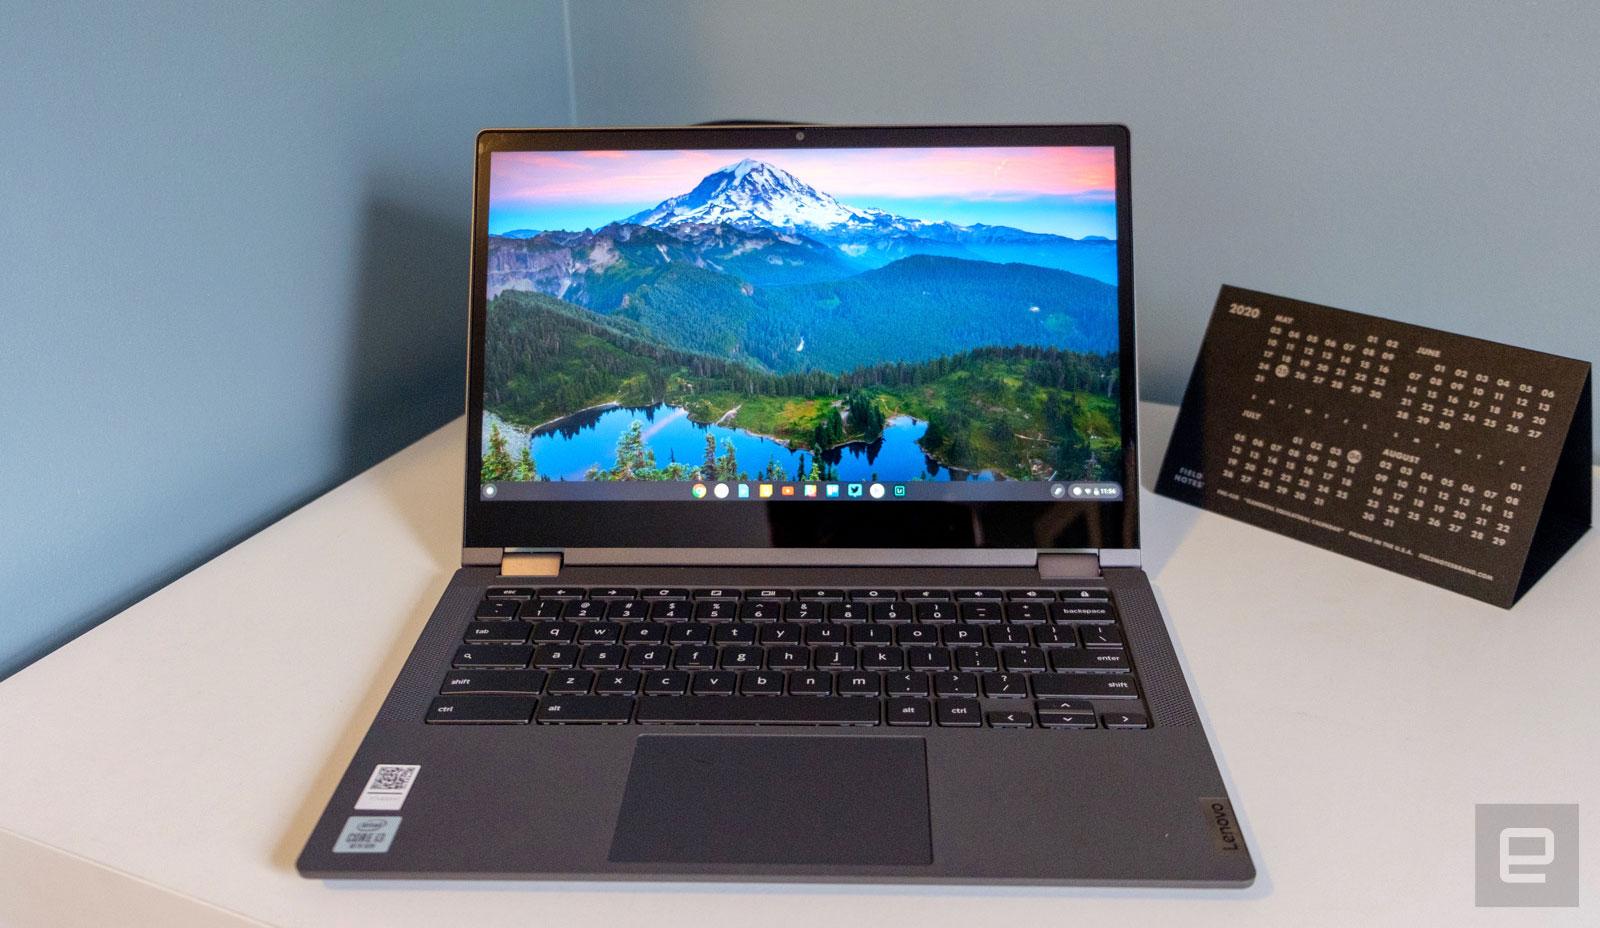 Lenovo Flex 5 Chromebook Review The Best Budget Friendly Chromebook Engadget